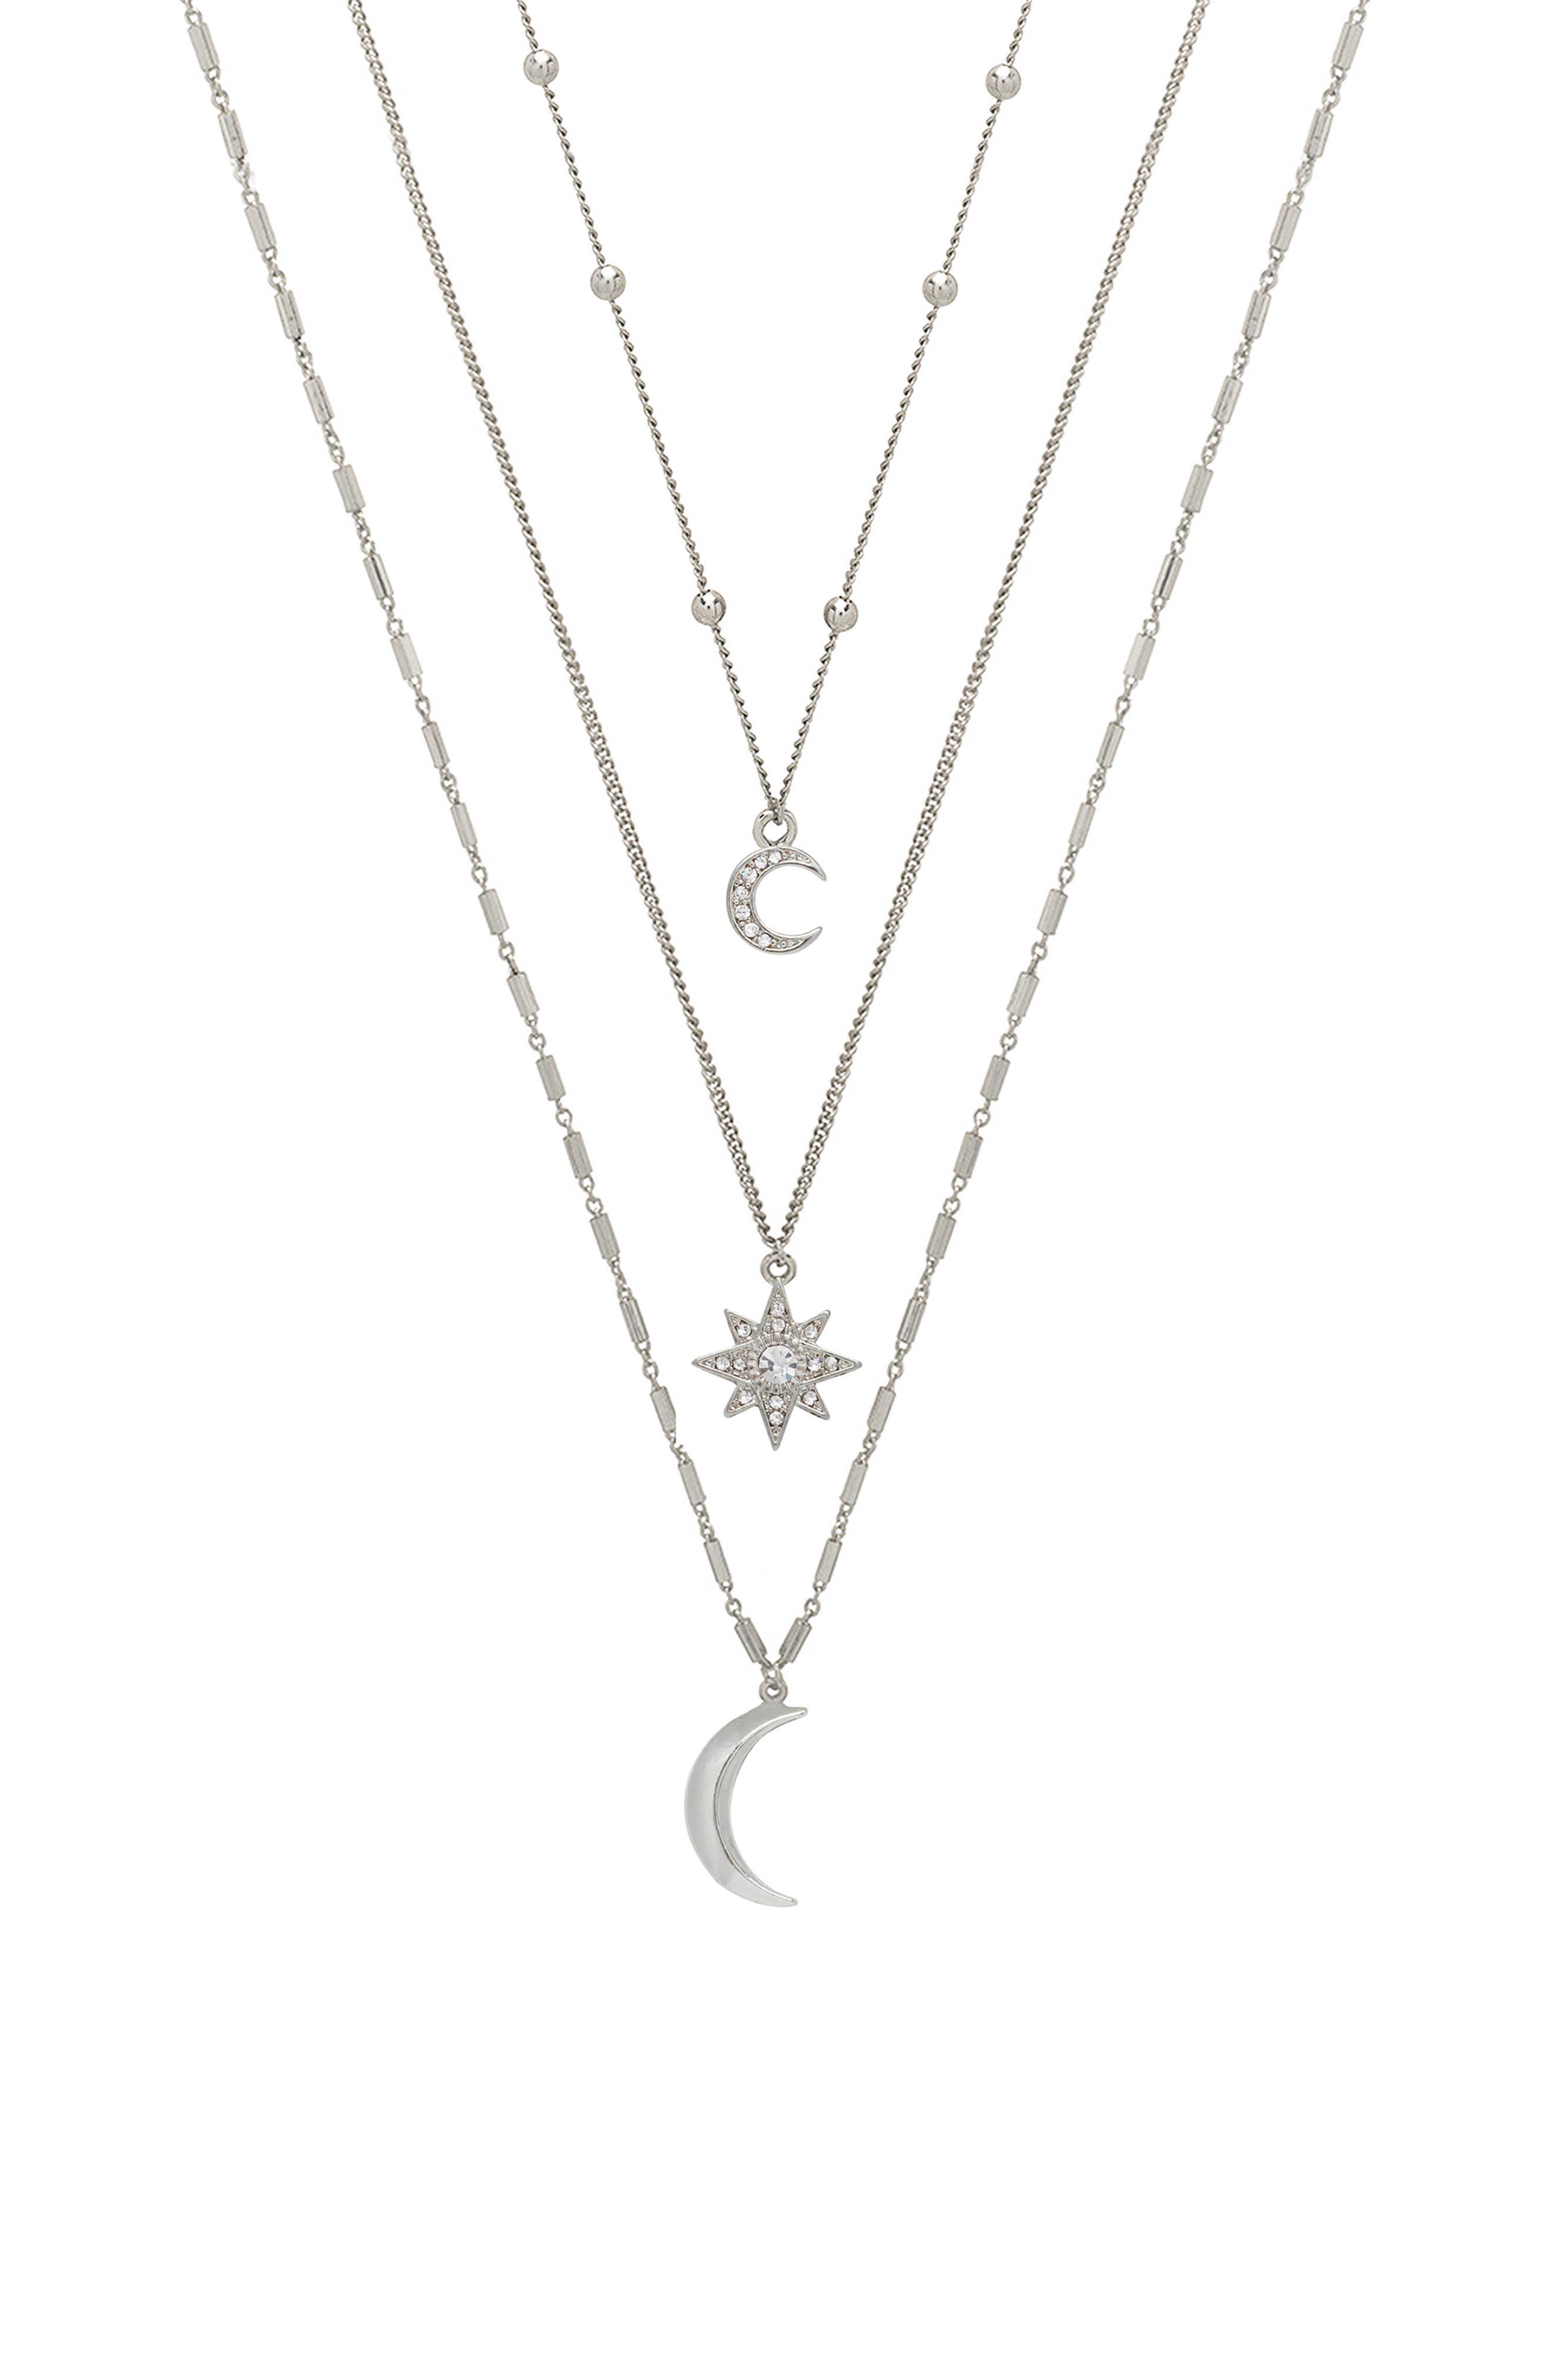 Set Of 3 Celestial Pendant Necklaces